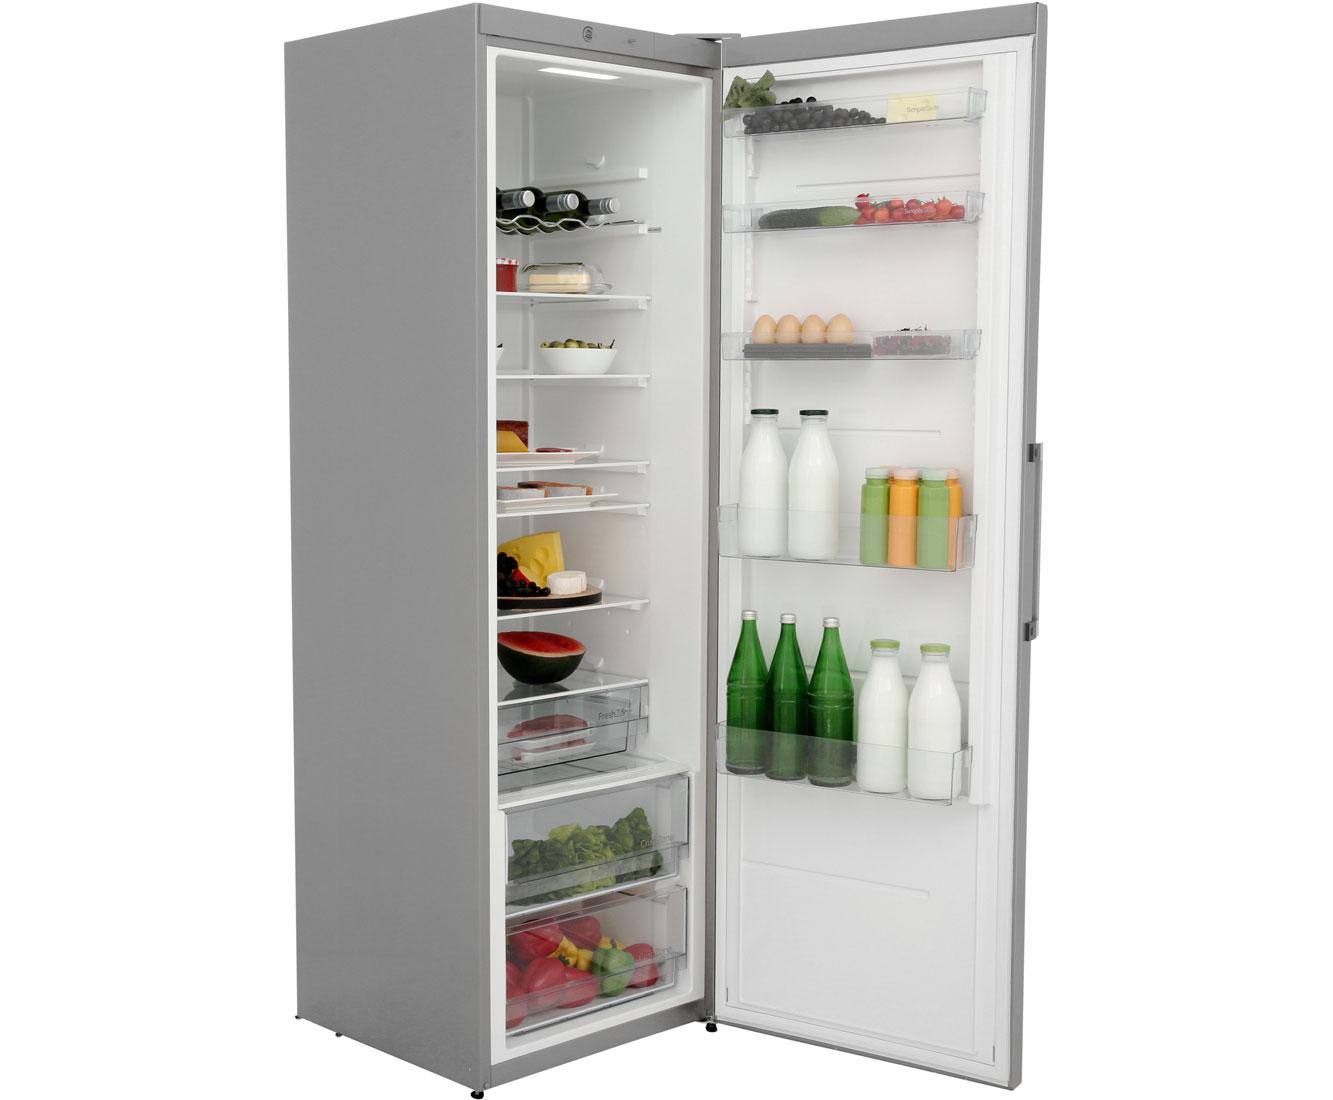 Gorenje Kühlschrank Schalter Funktion : Gorenje r fw kühlschrank weiß a